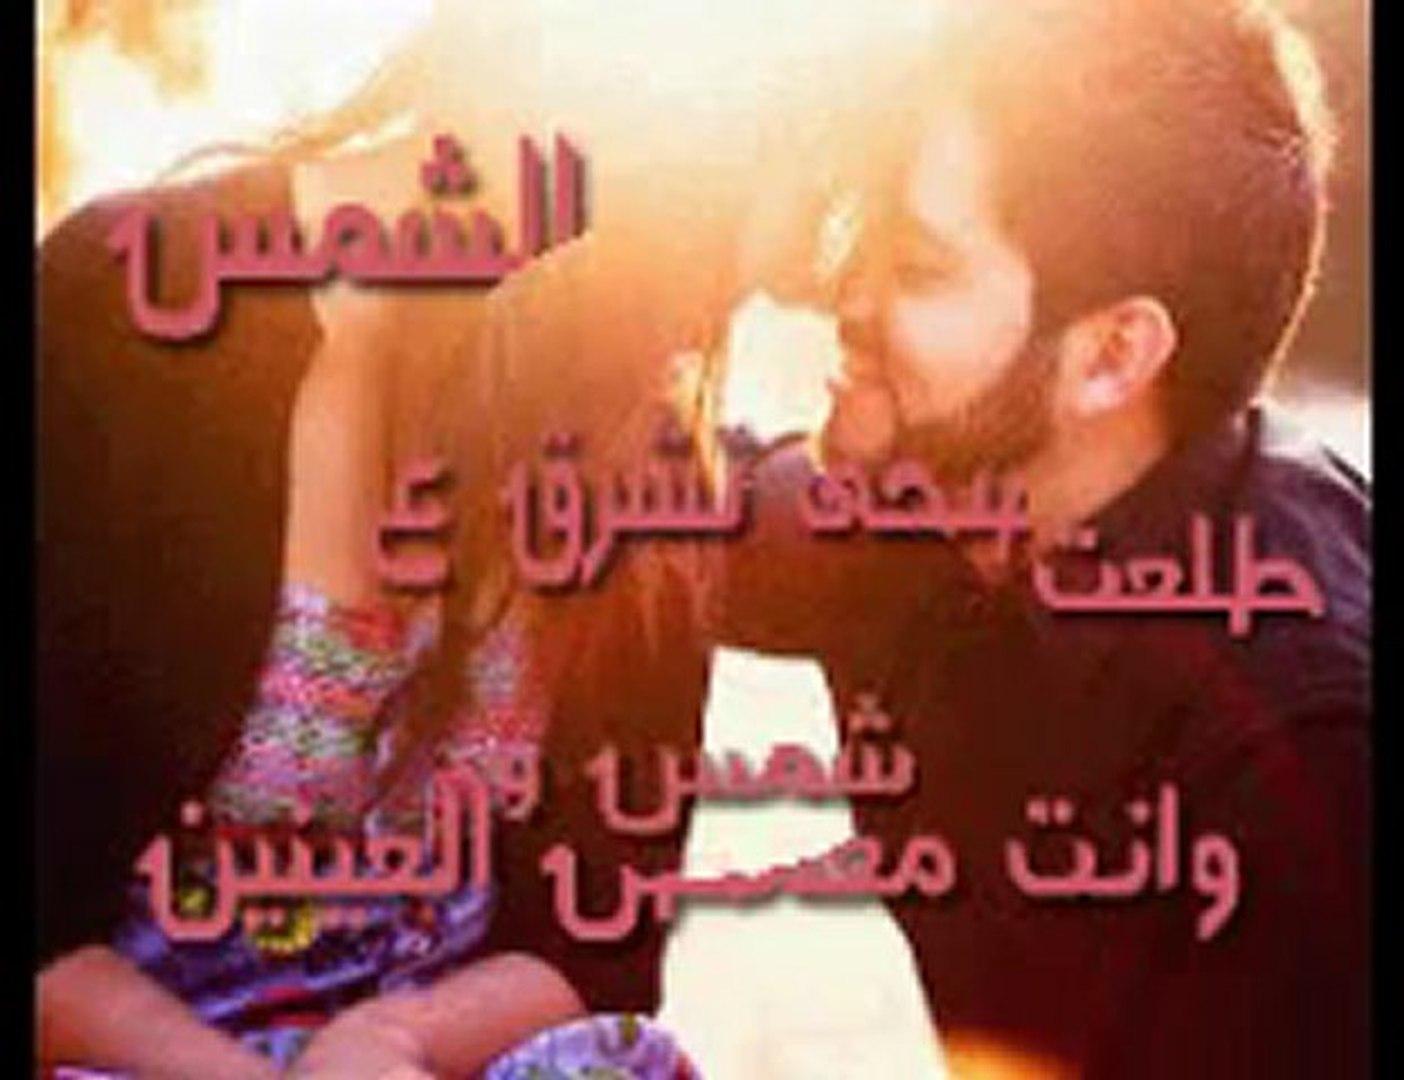 حبيبي صباح الخير Video Dailymotion